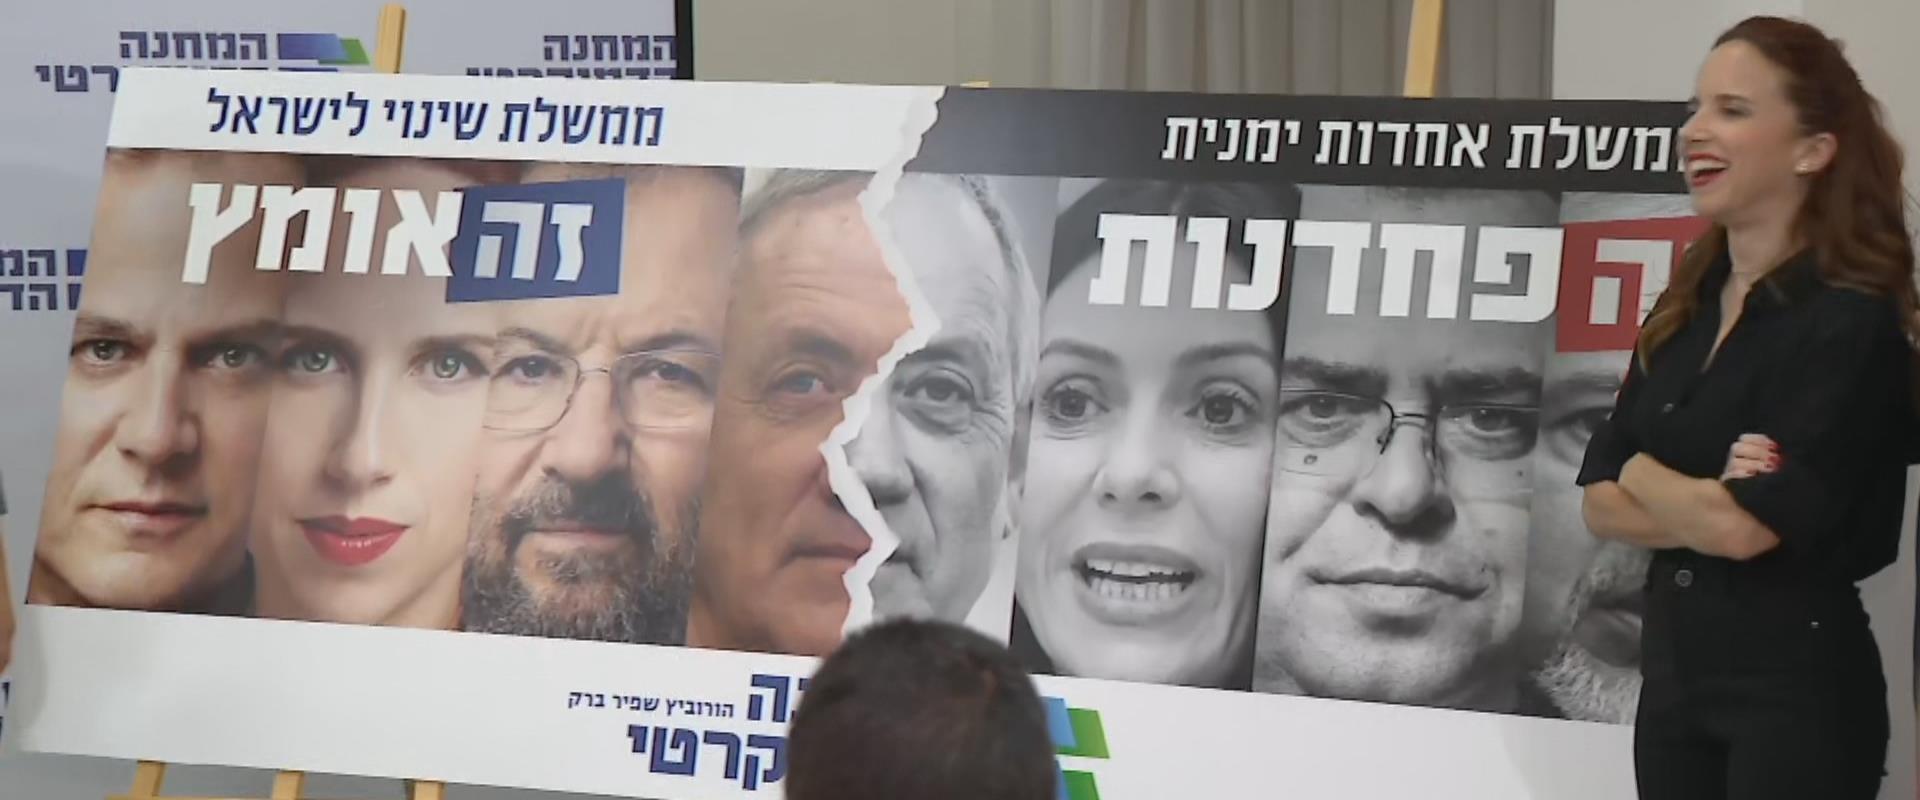 קמפיין המחנה הדמוקרטי